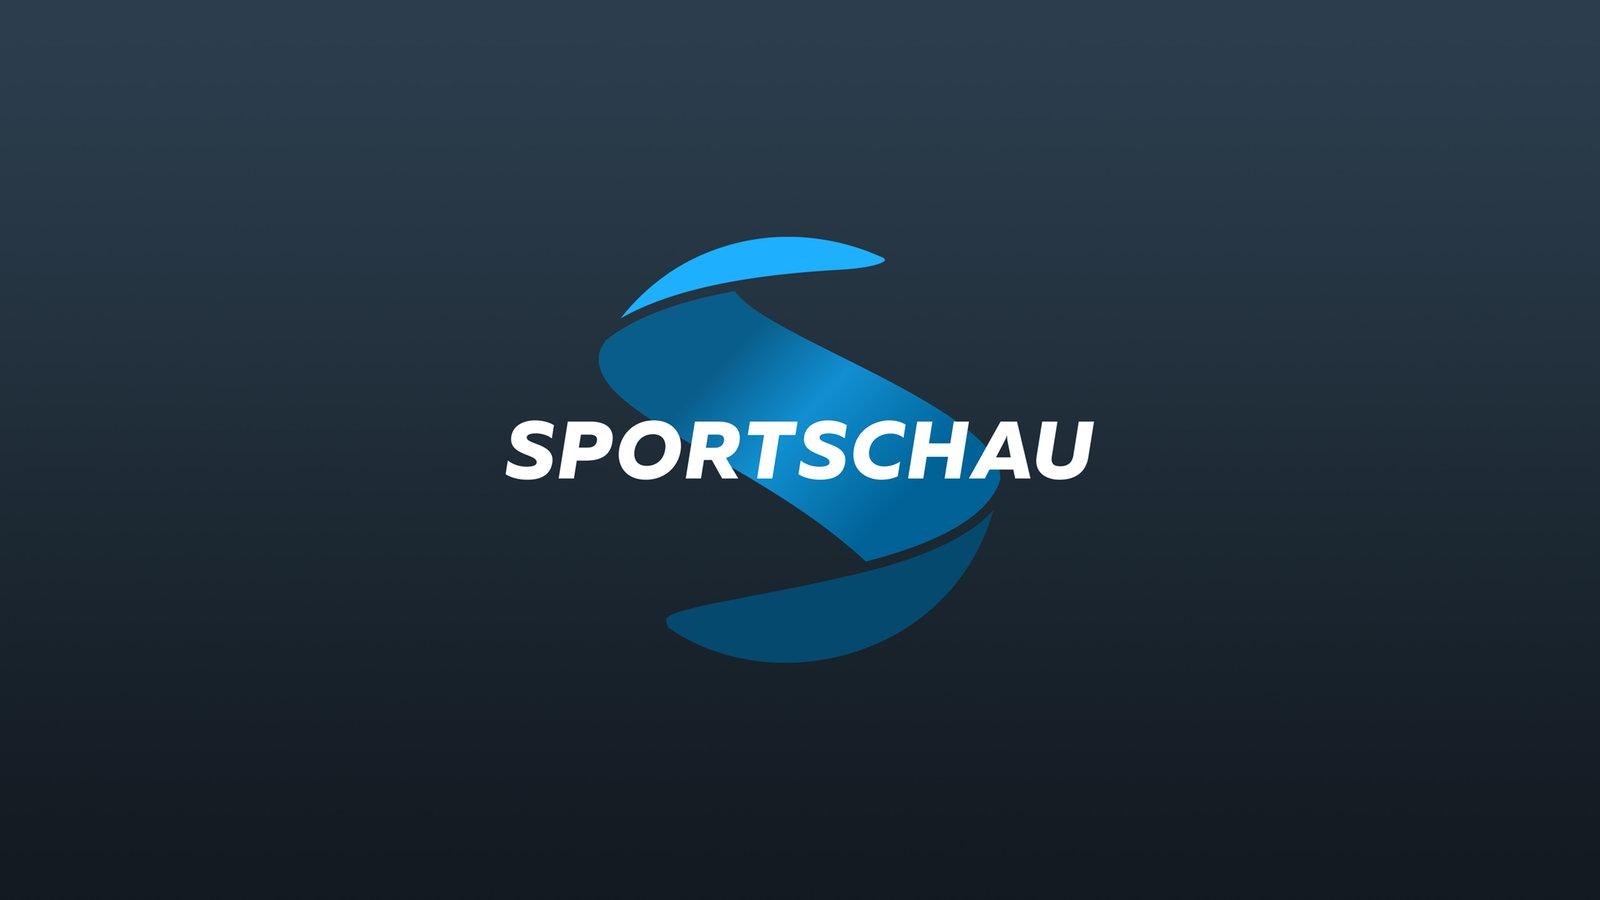 125x125 Sportschau